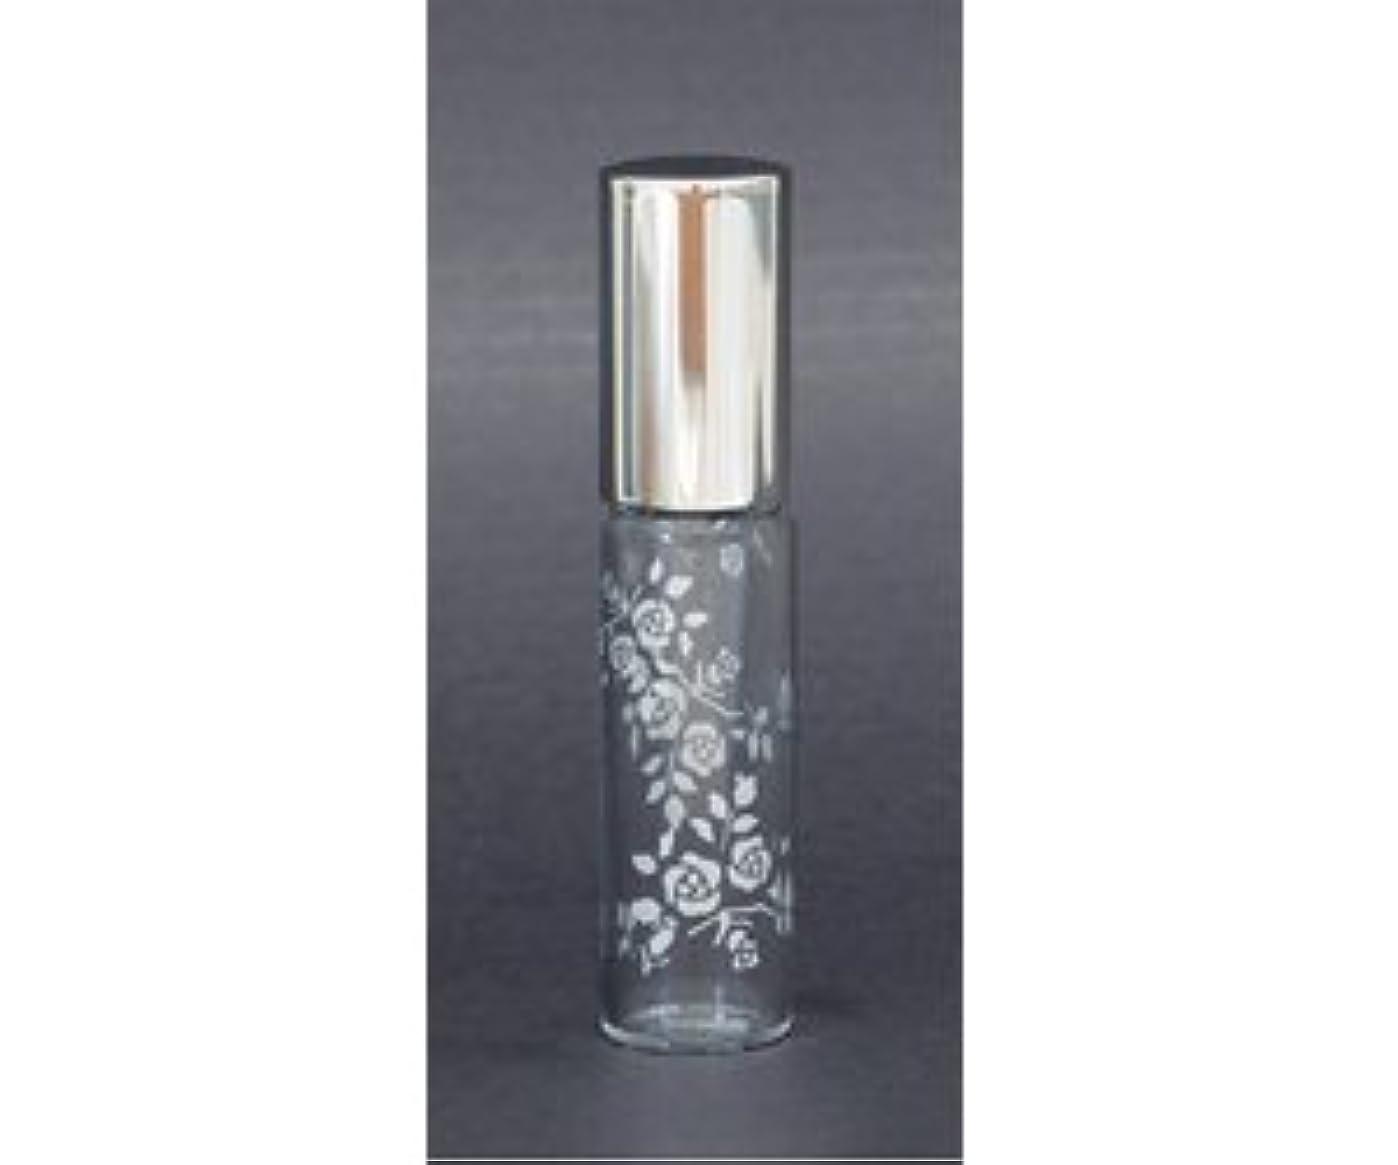 くびれた傑作ドアミラーヤマダアトマイザー コロプチ パフュームローラー 香水 携帯用 詰め換え用付属品入り 60714 アトマイザー